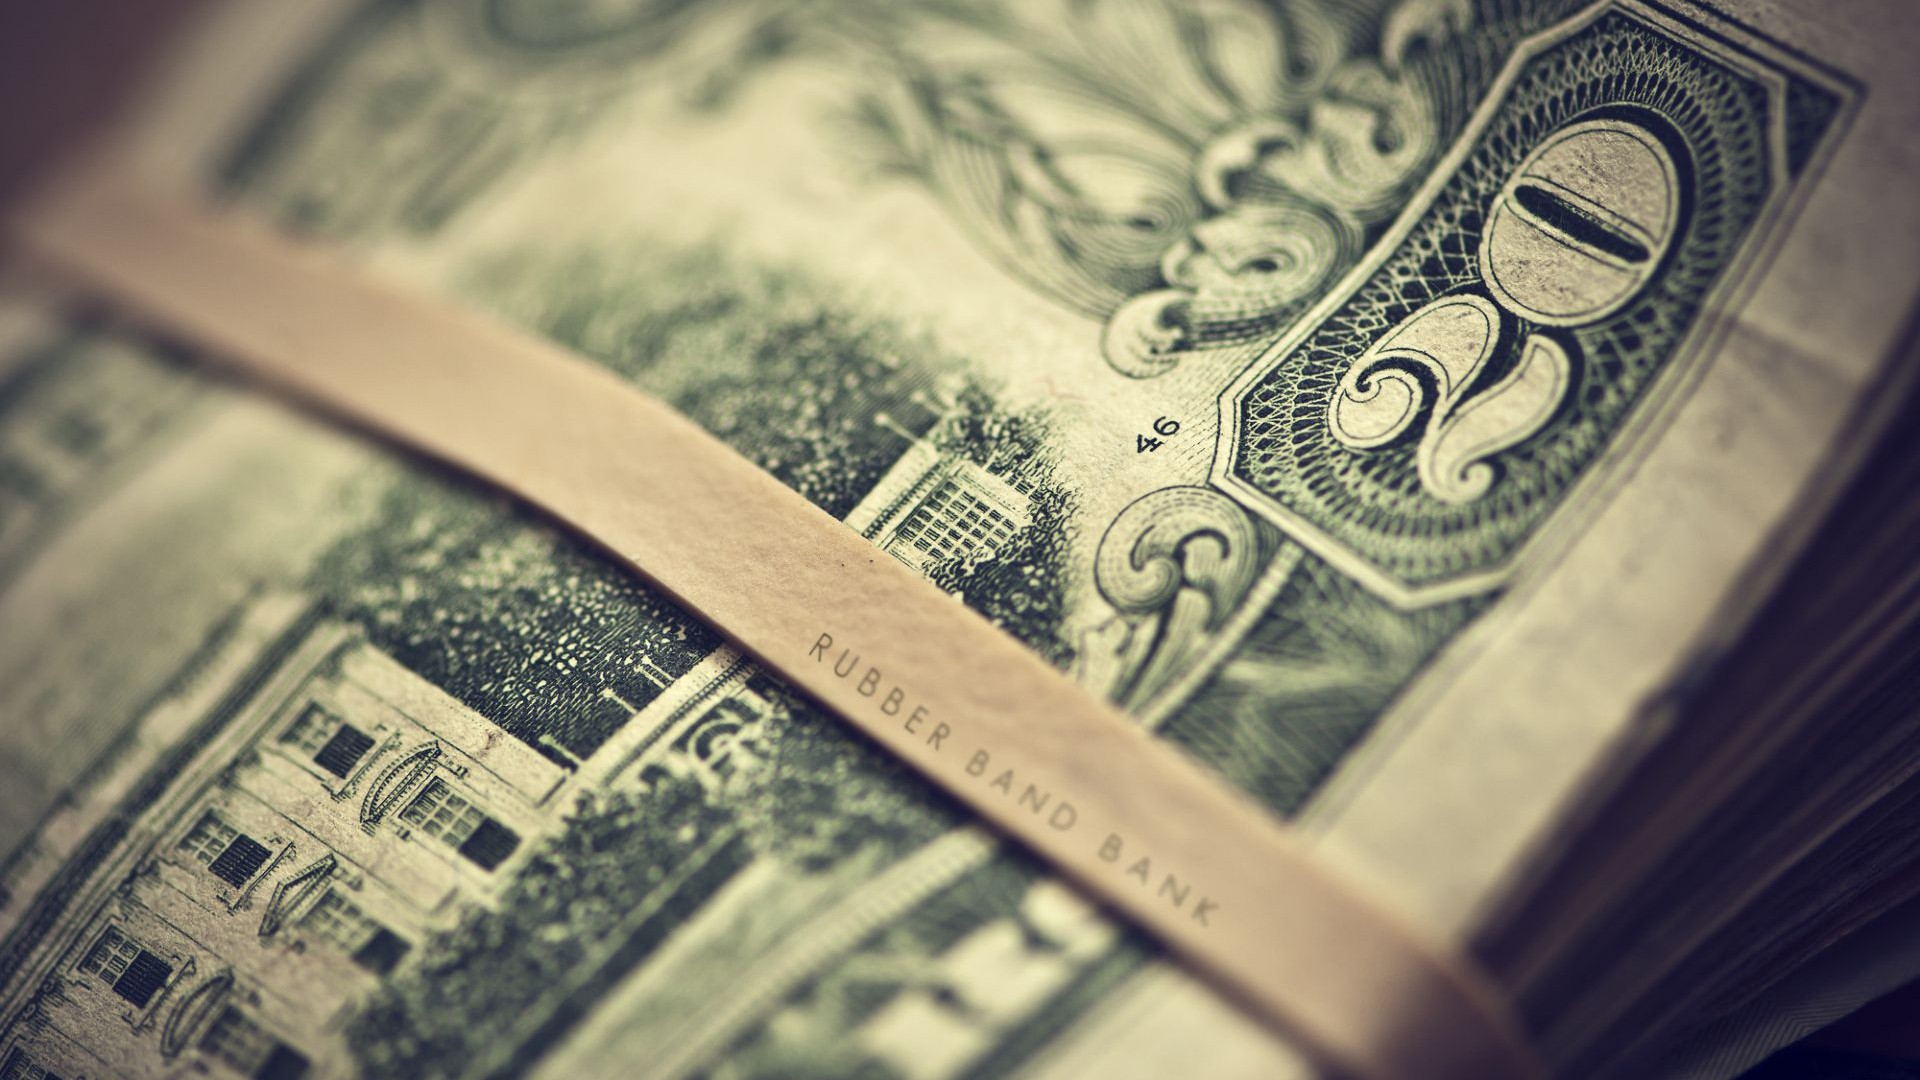 El dólar blue sigue subiendo: $184